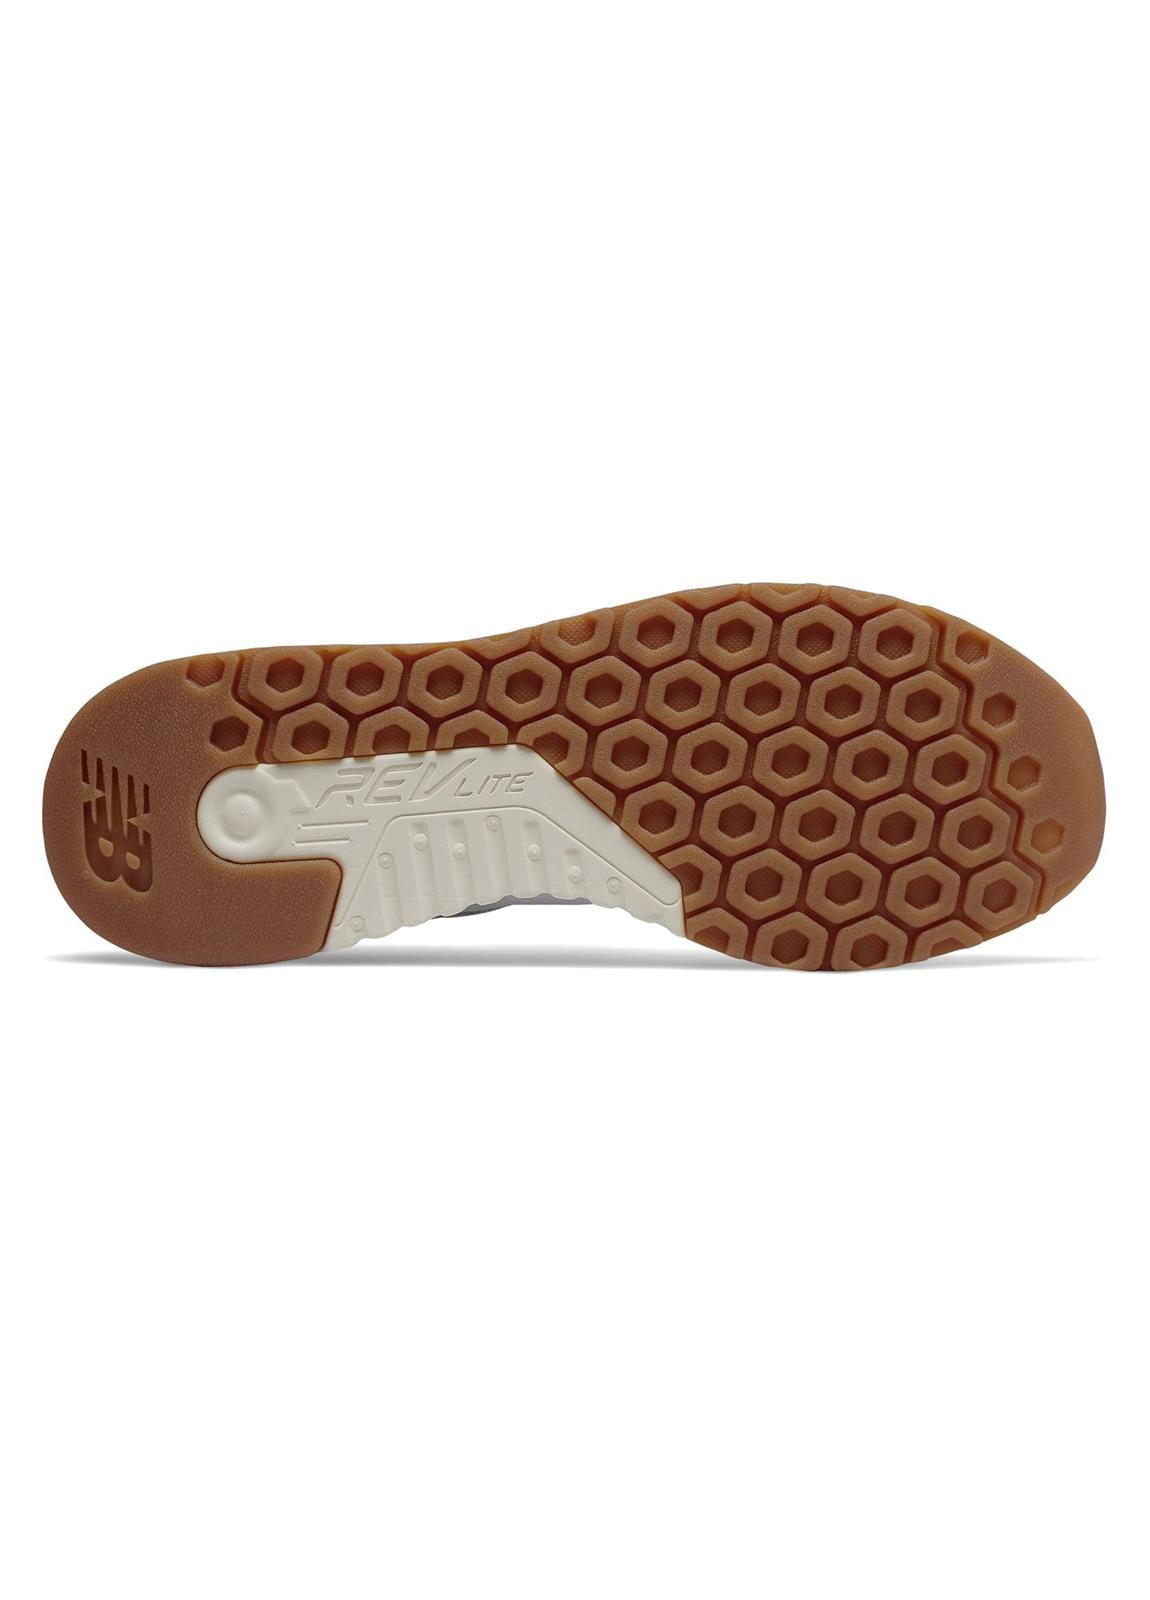 Sneaker hombre MRL247 color blanco, piel y malla. - Ítem2